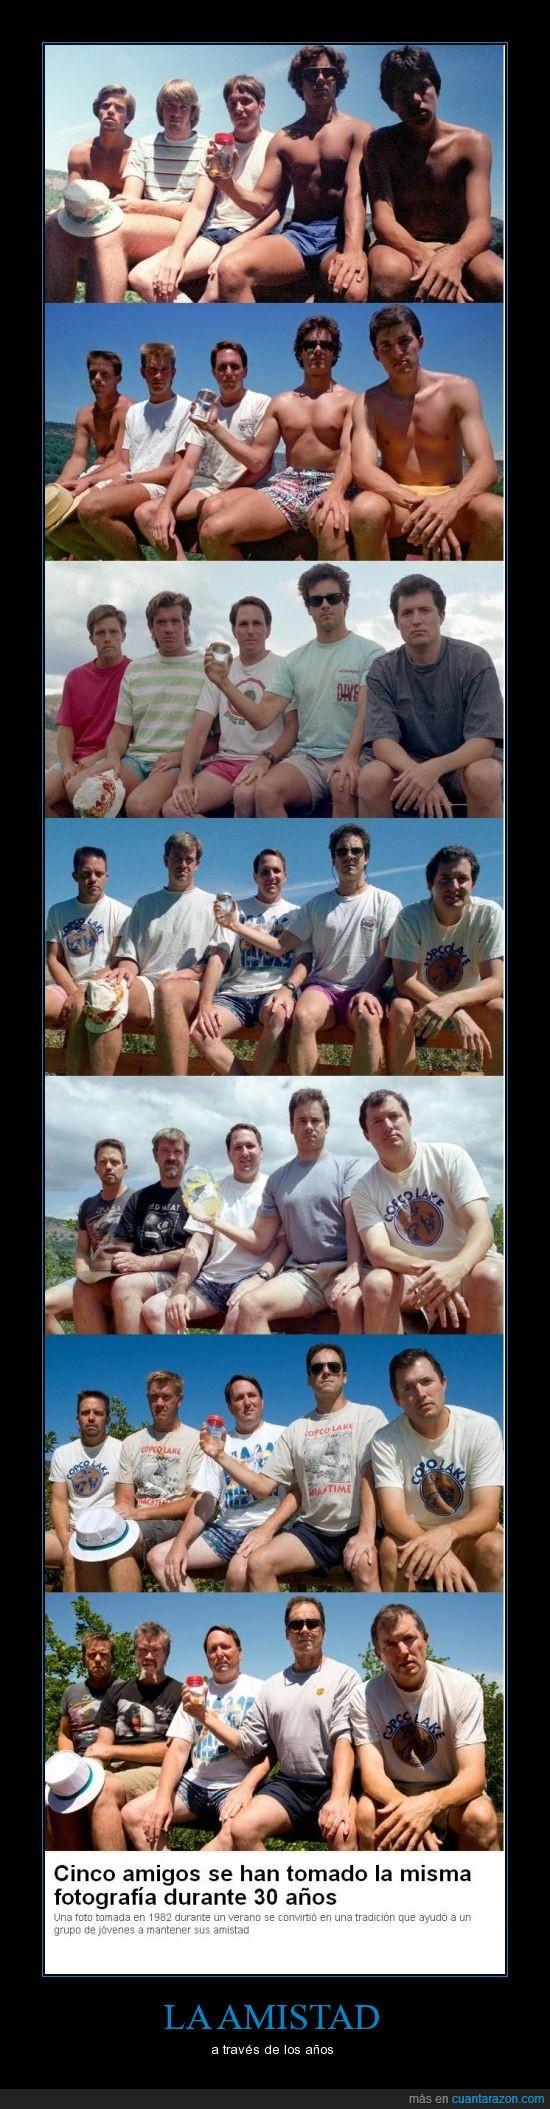 amigos,amistad,año,cada,diferente,fotografia,misma